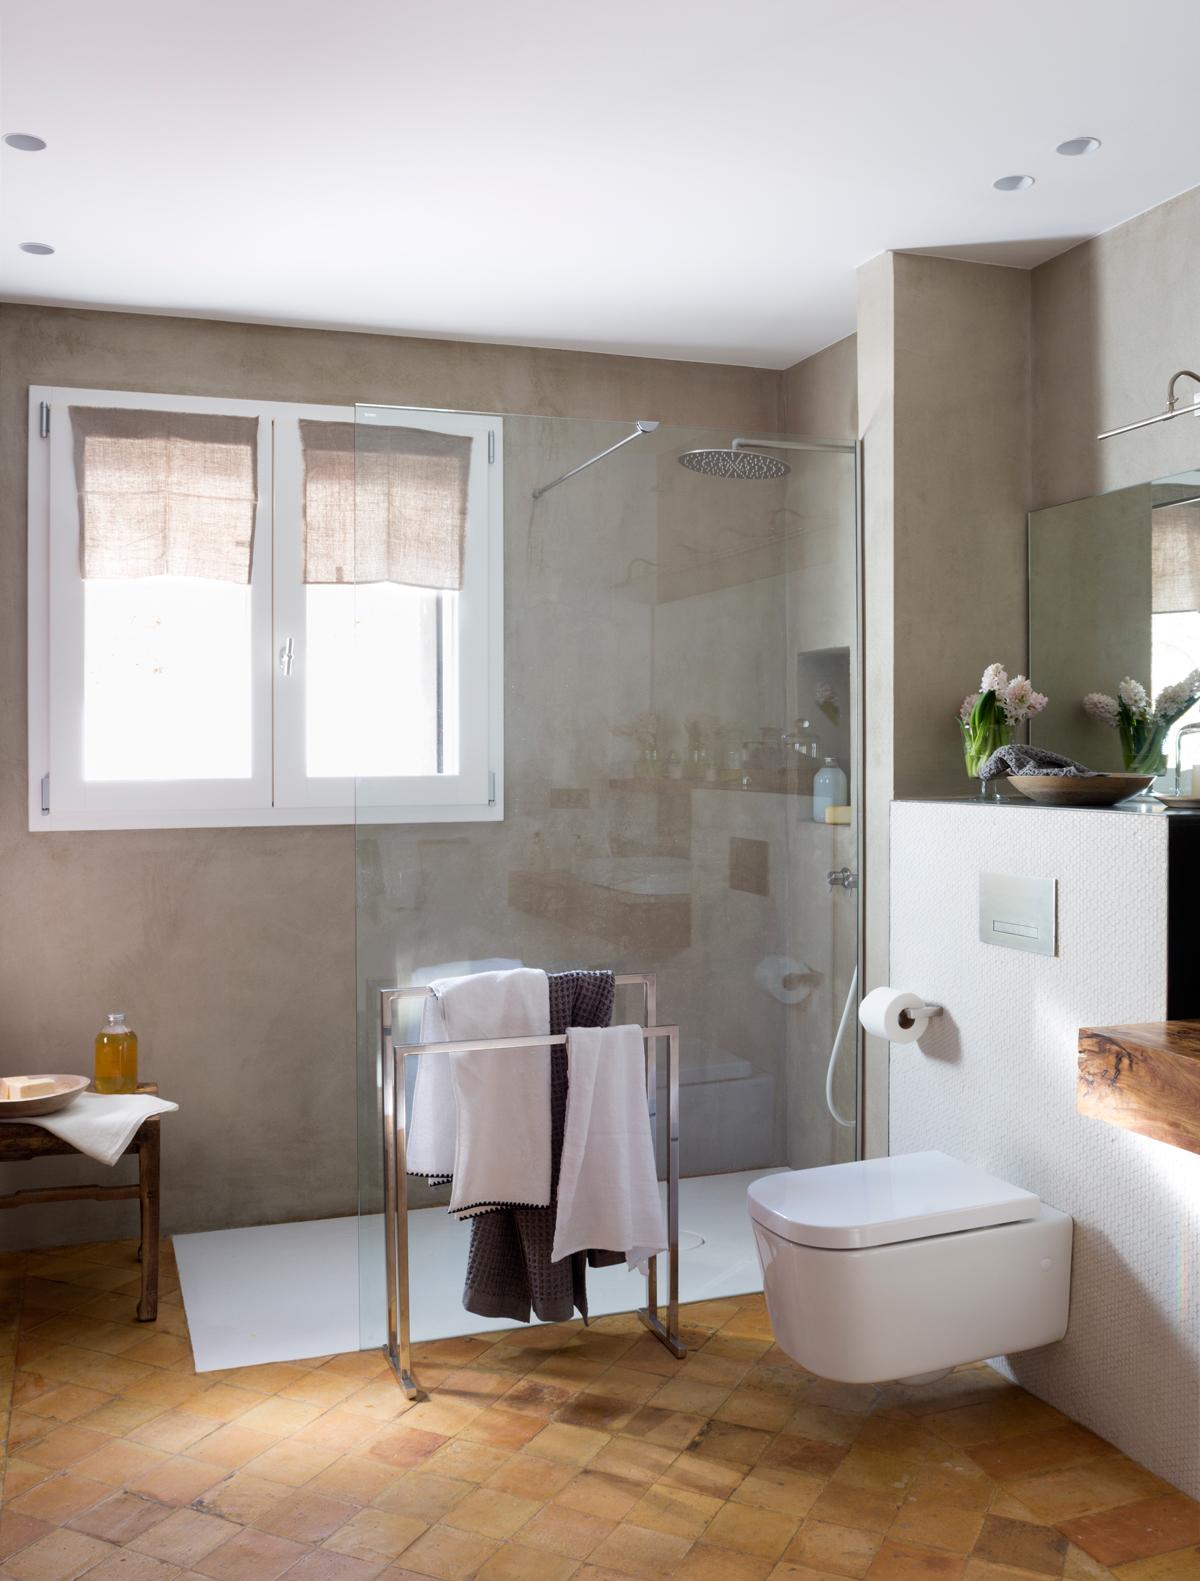 178 fotos de duchas - Banos con plato ducha ...